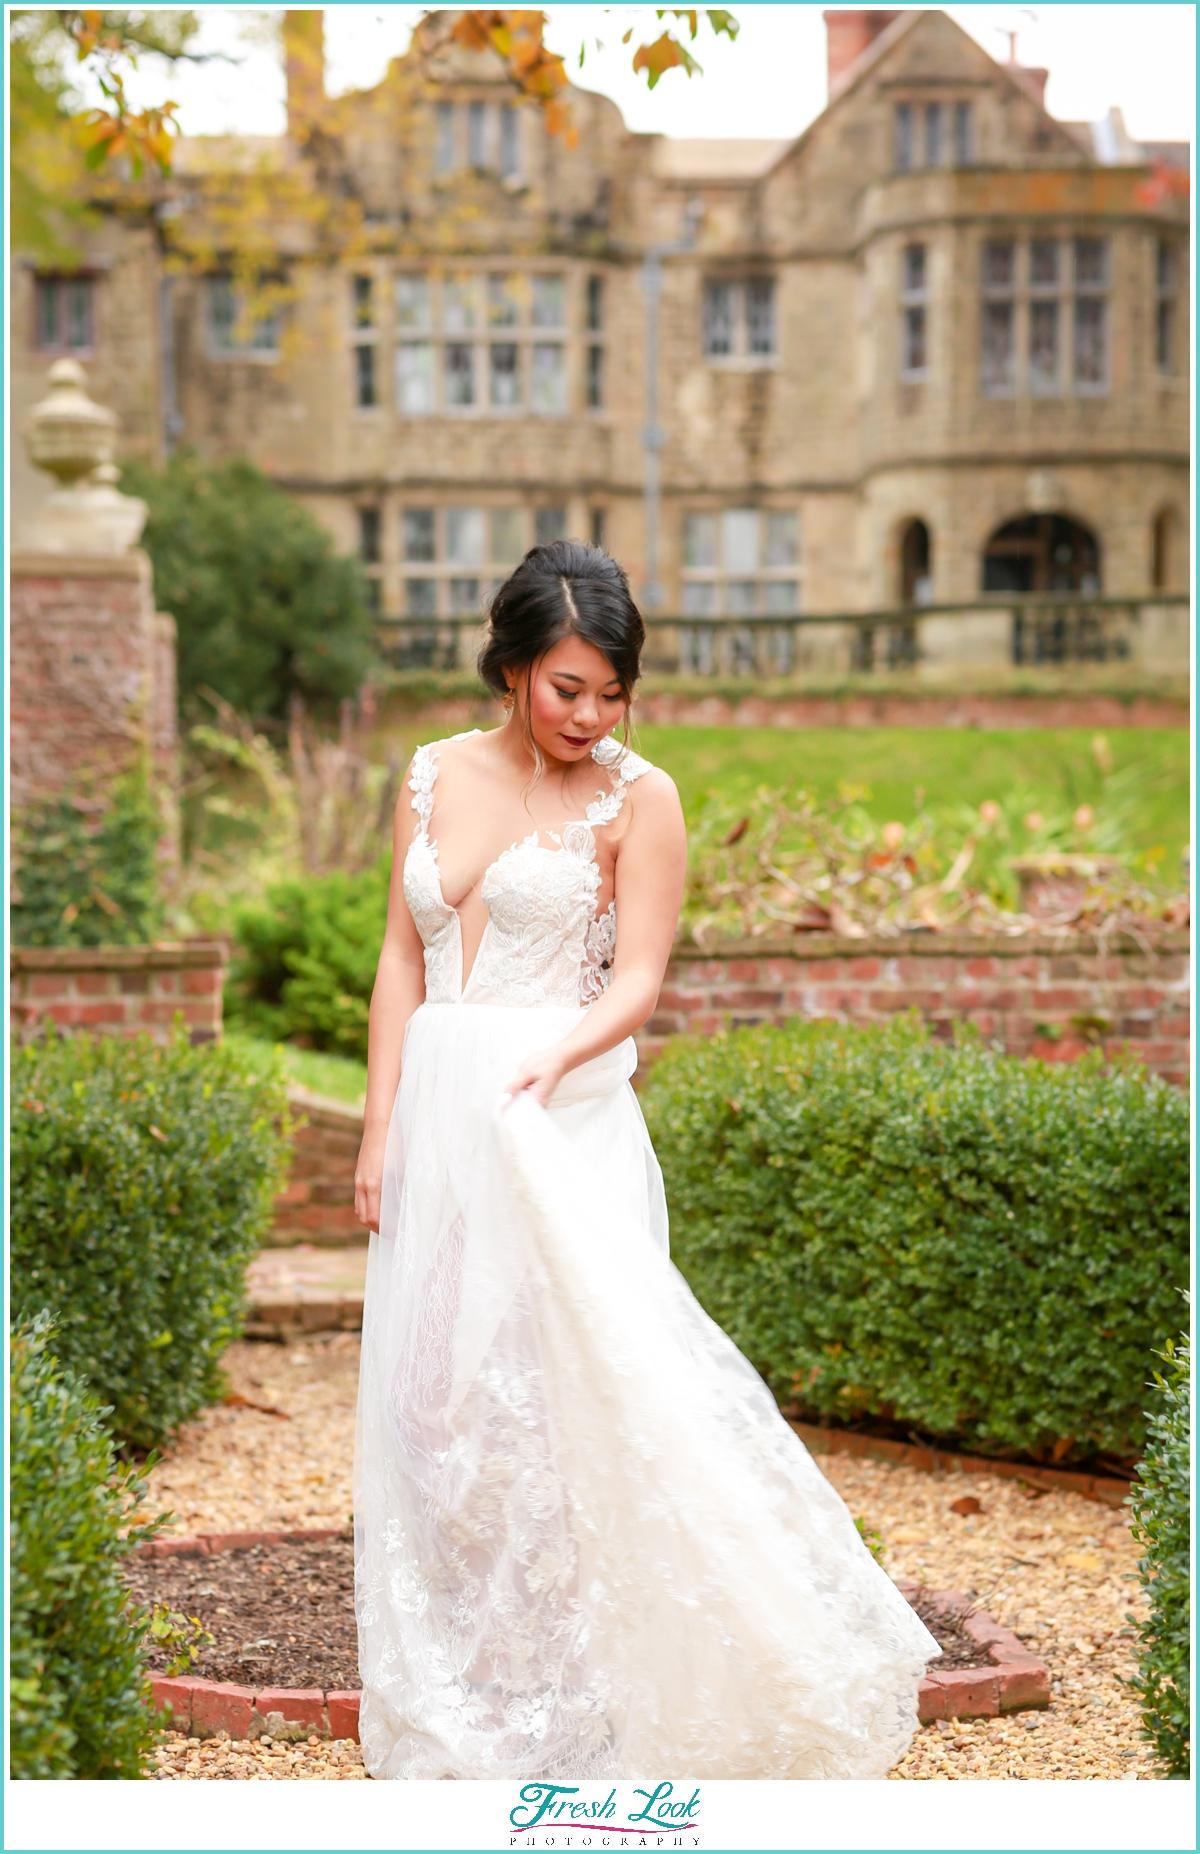 bridal portraits at historic mansion